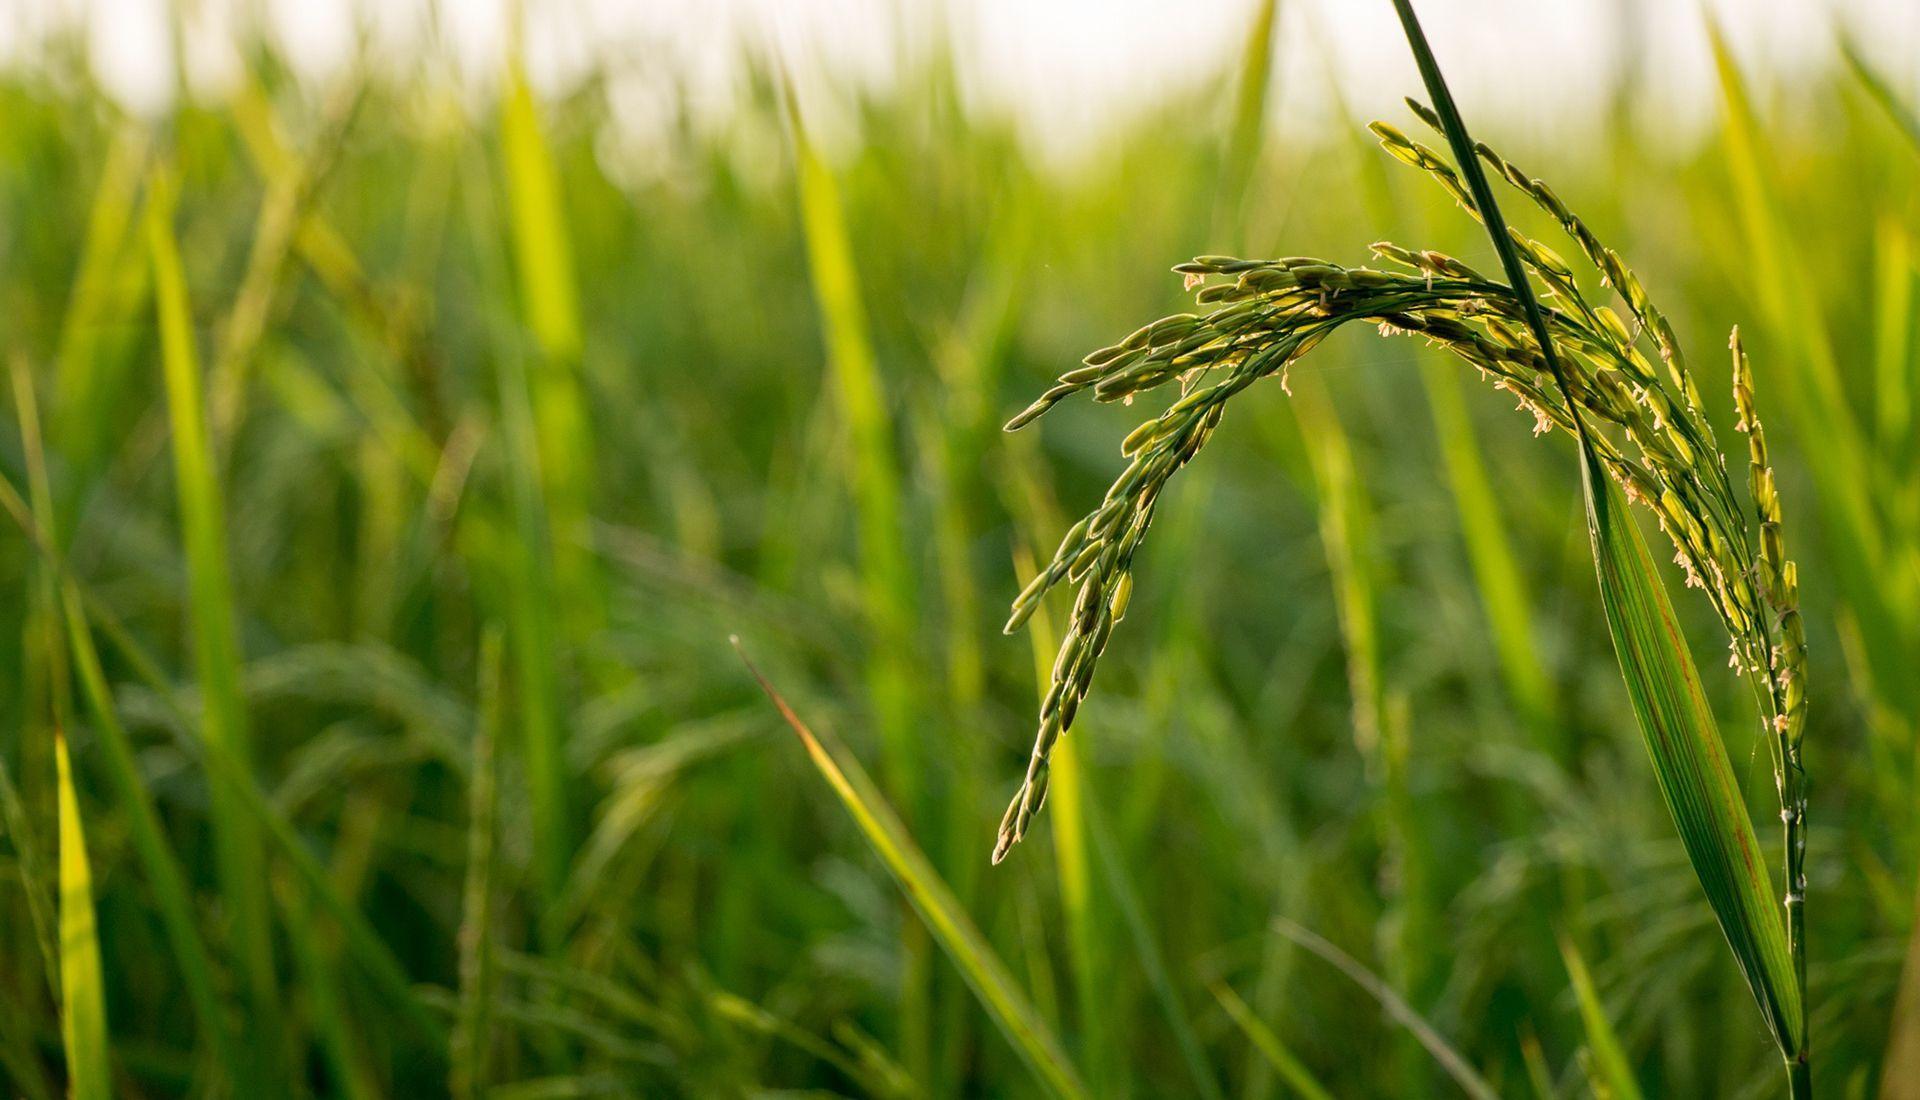 Создан устойчивый к болезням трансгенный рис